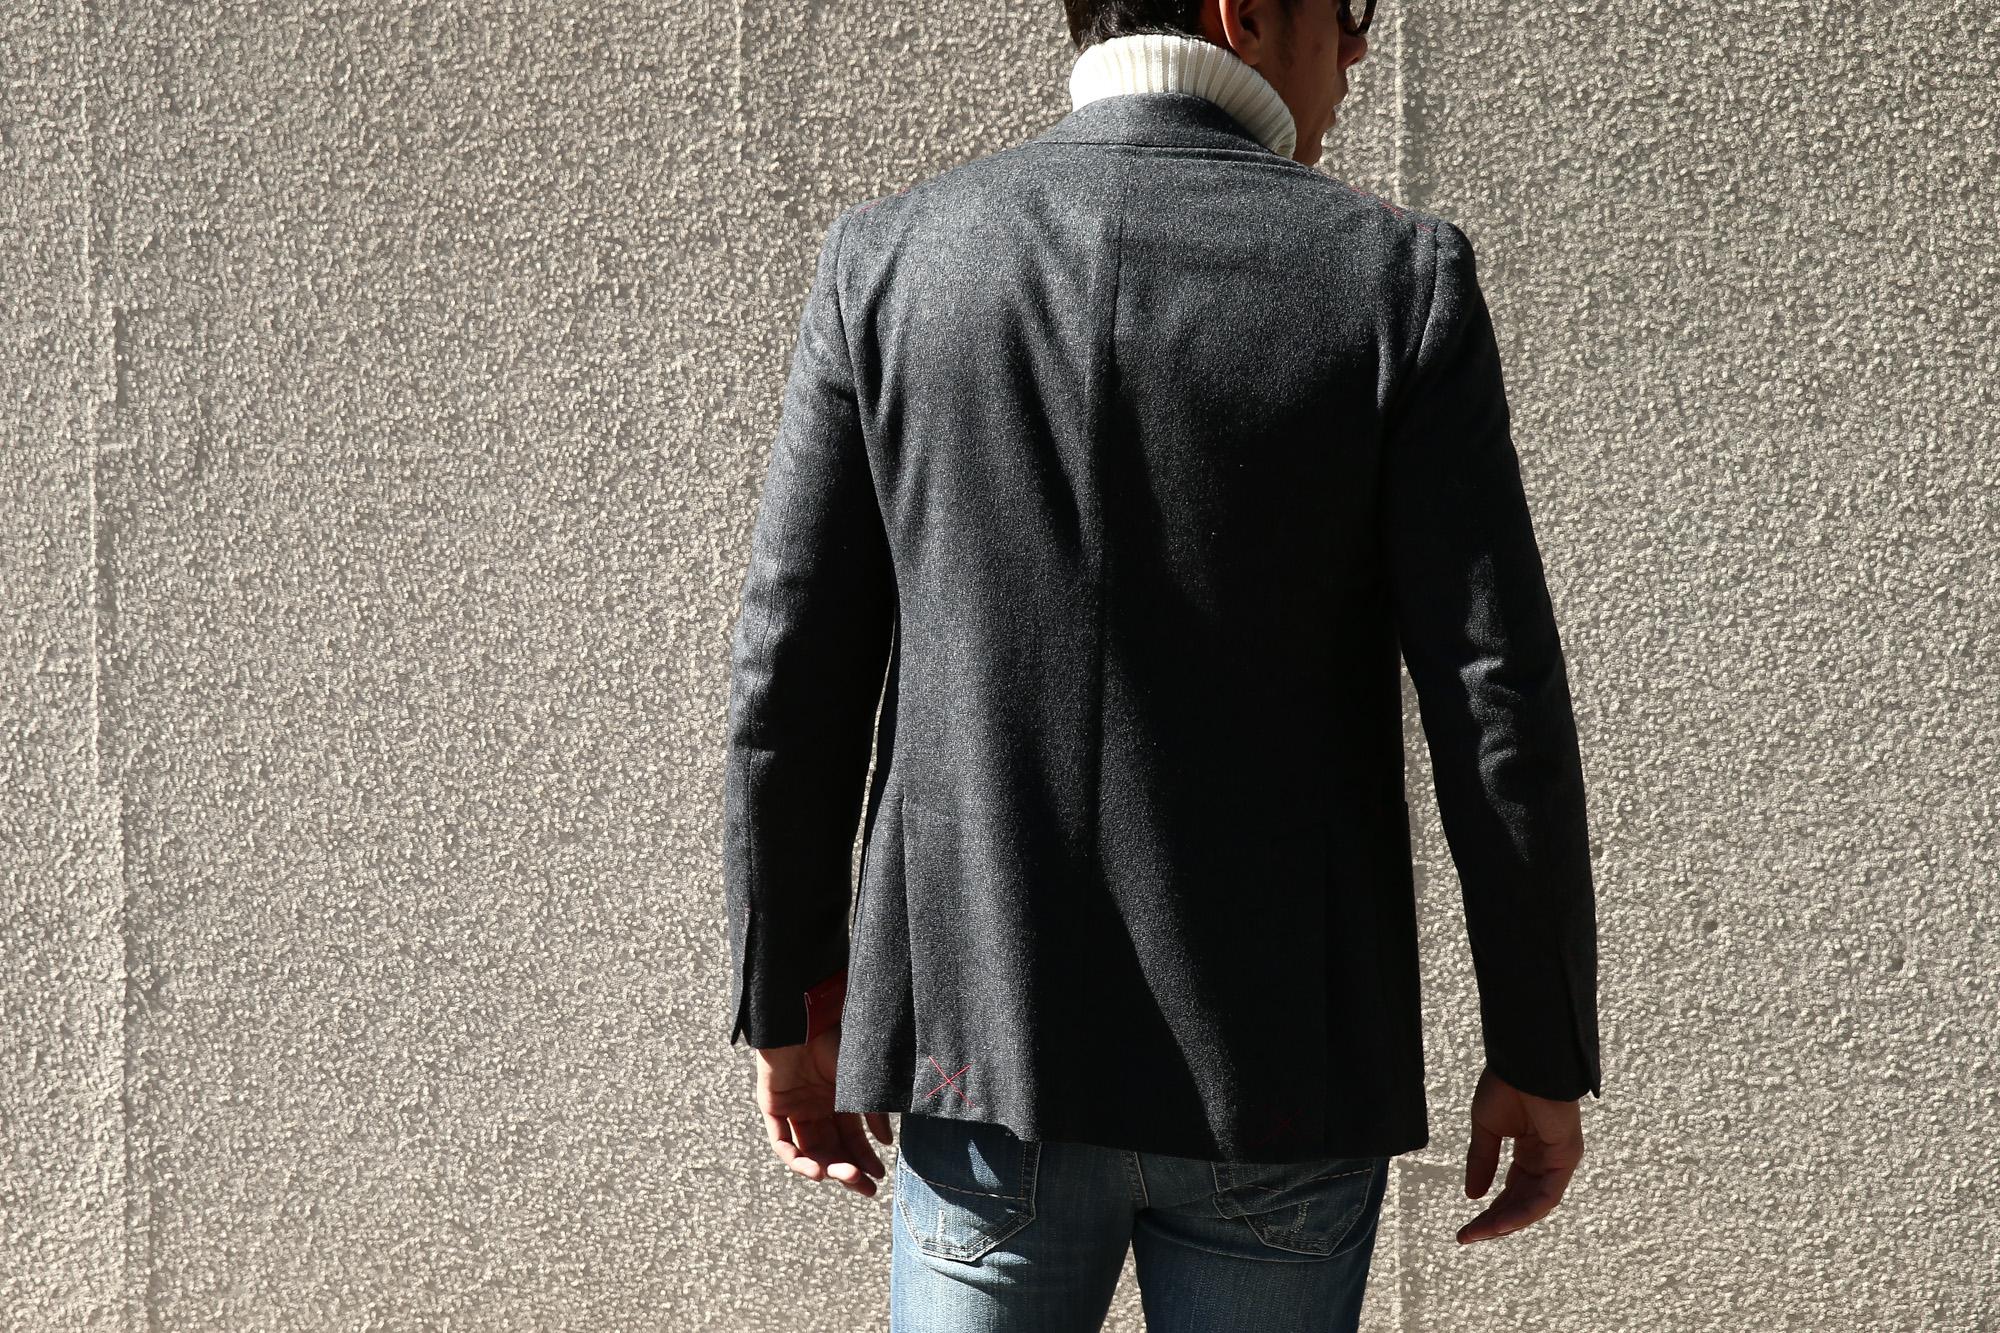 【ISAIA // イザイア】 SAILOR (セイラー) AQUA MOLESKIN ウールカシミア モールスキン フランネル アンコン 3Bジャケット MEDIUM GRAY (ミディアムグレー・970) Made in italy (イタリア製) 2017 秋冬新作 isaia 愛知 名古屋 Alto e Diritto アルト エ デリット